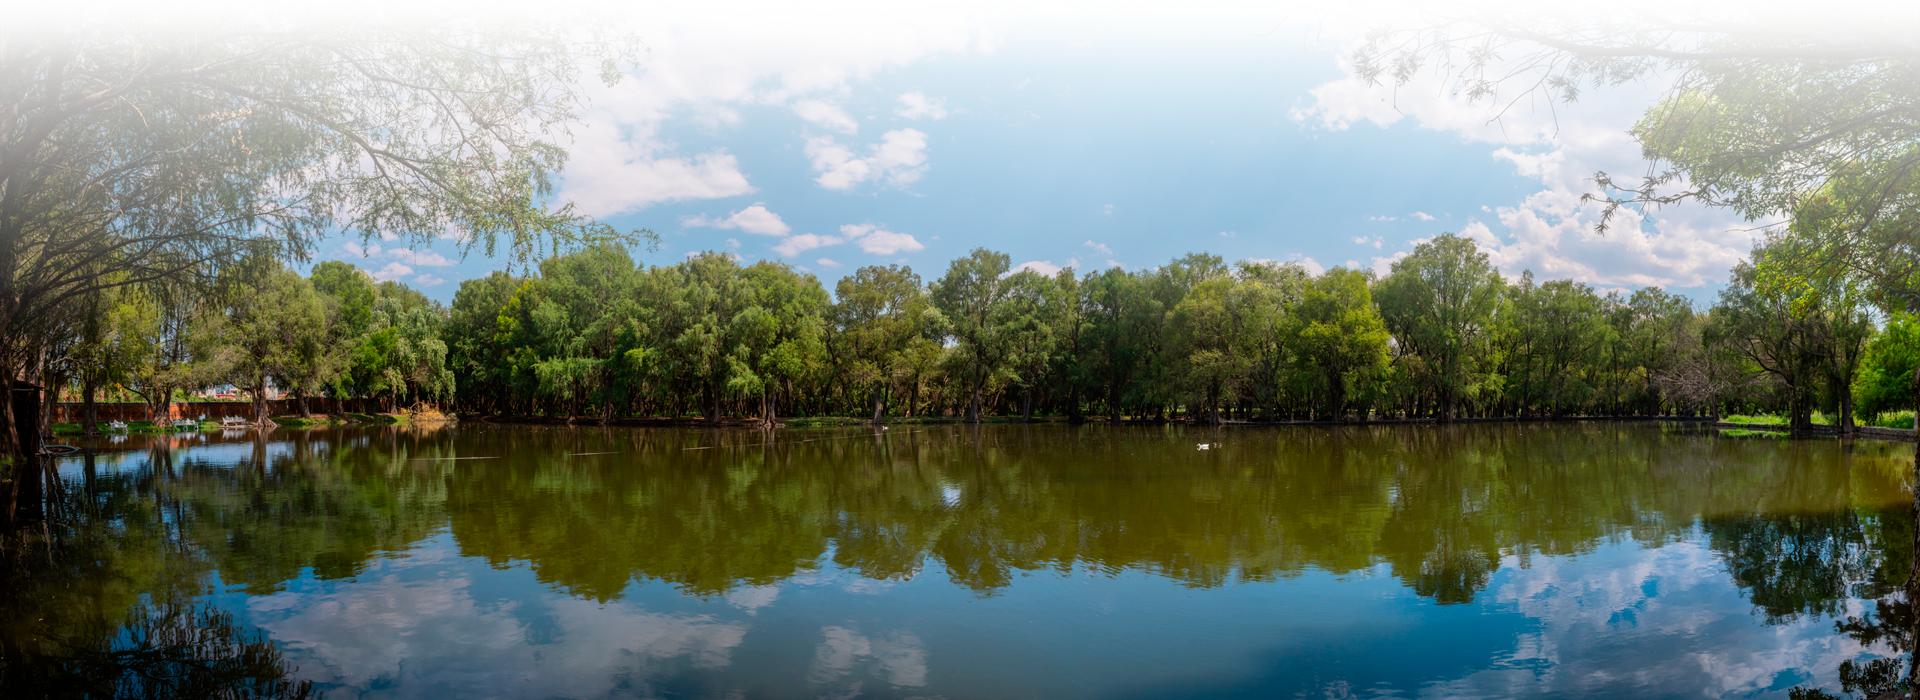 Lago UNLA